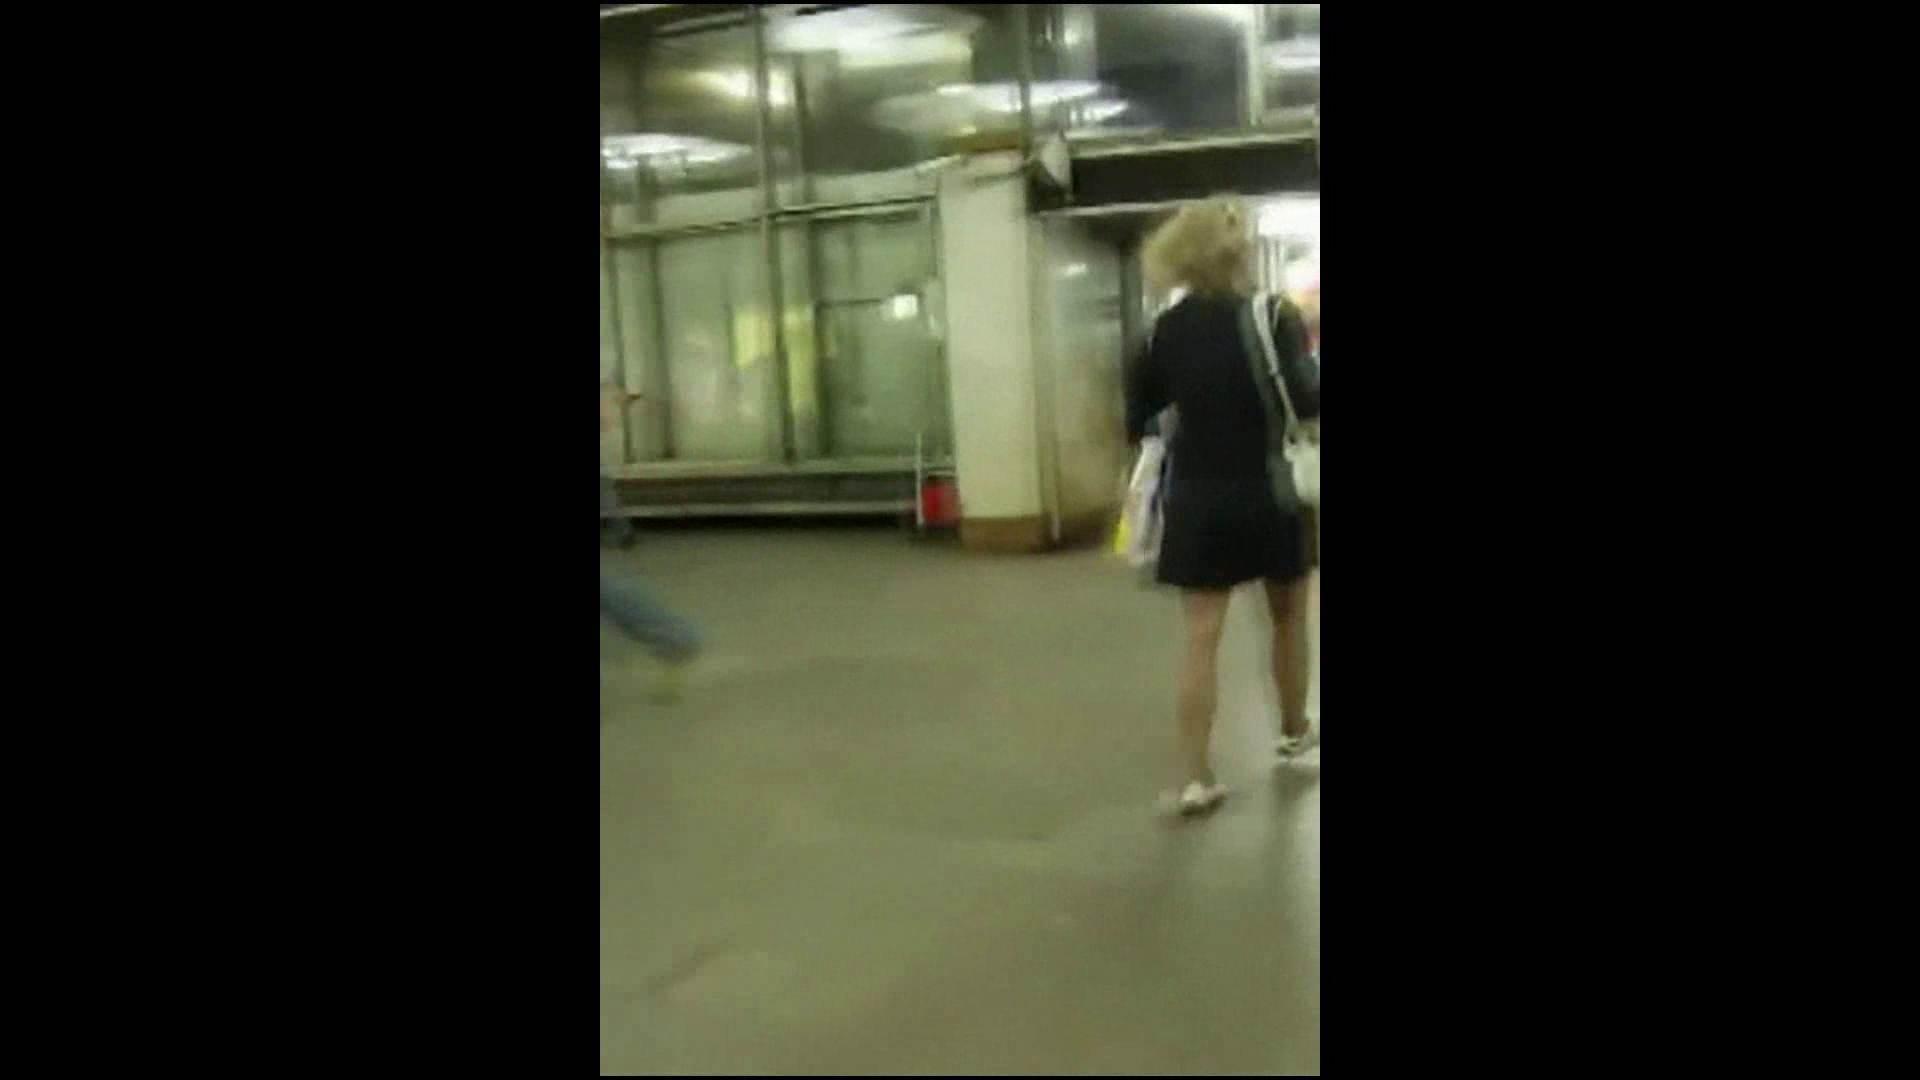 綺麗なモデルさんのスカート捲っちゃおう‼vol01 Hなお姉さん | モデルヌード  74pic 71